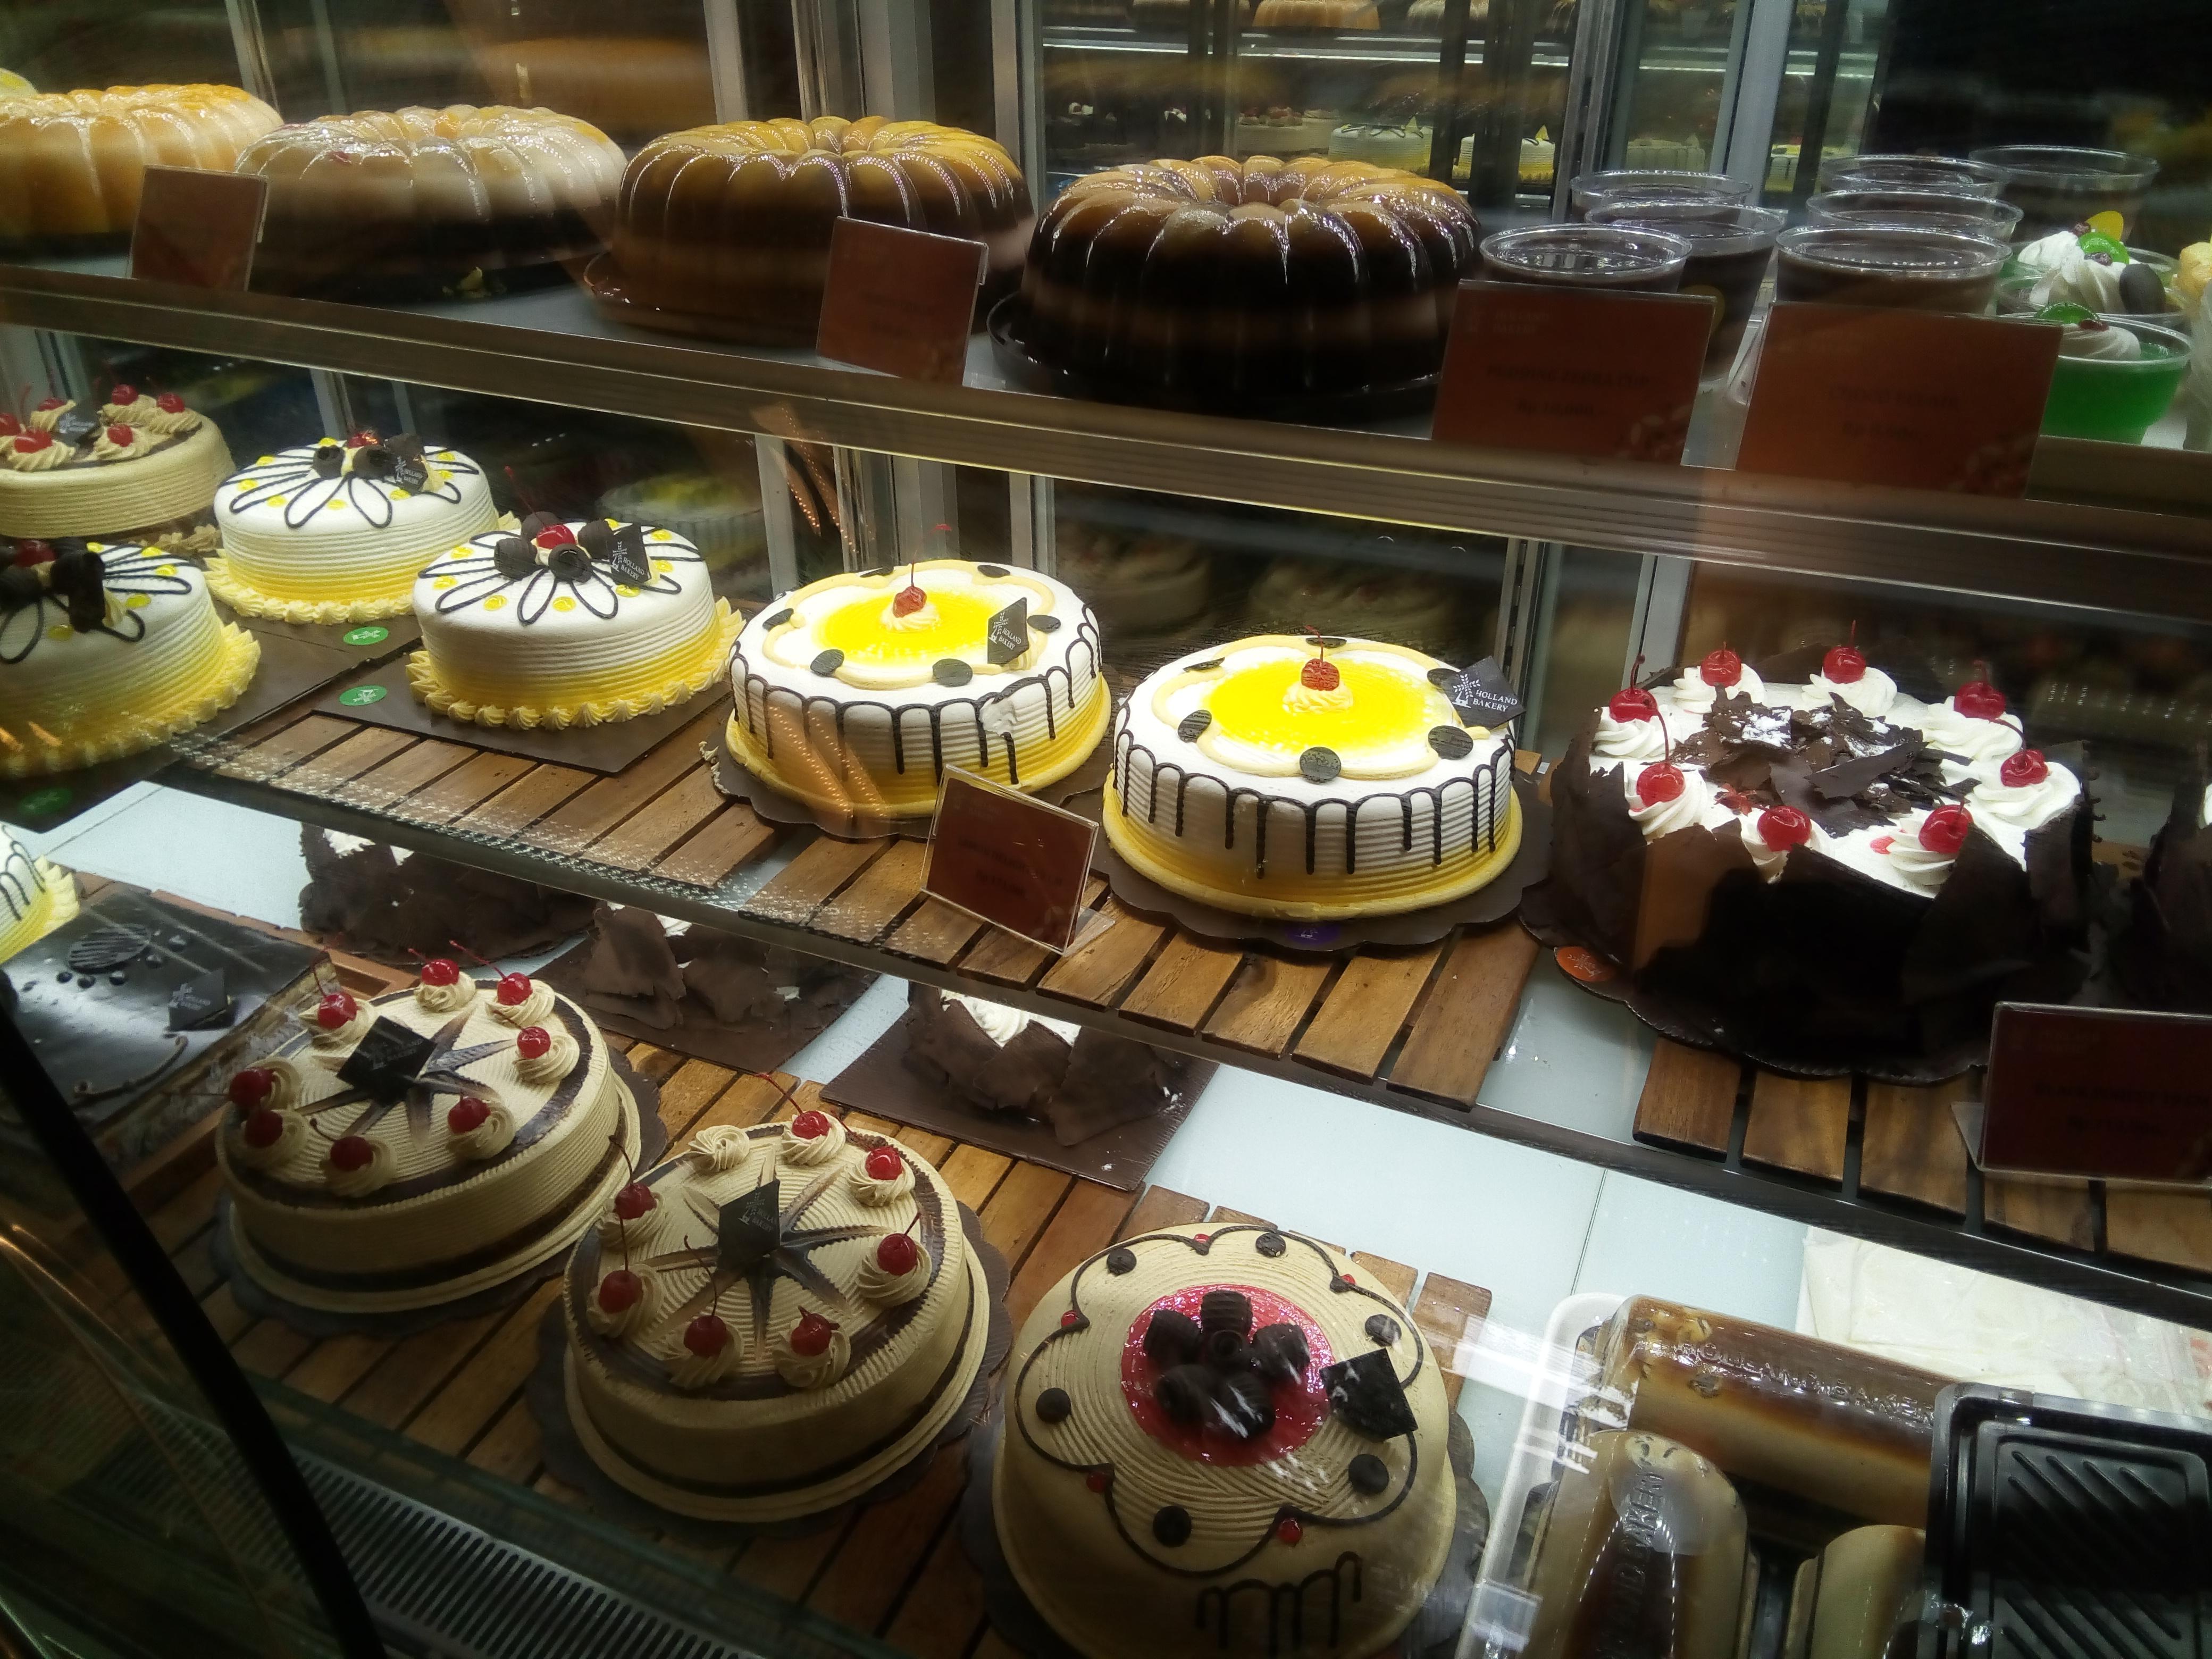 Filetoko Roti Dan Kue Holland Bakery Jakartajpg